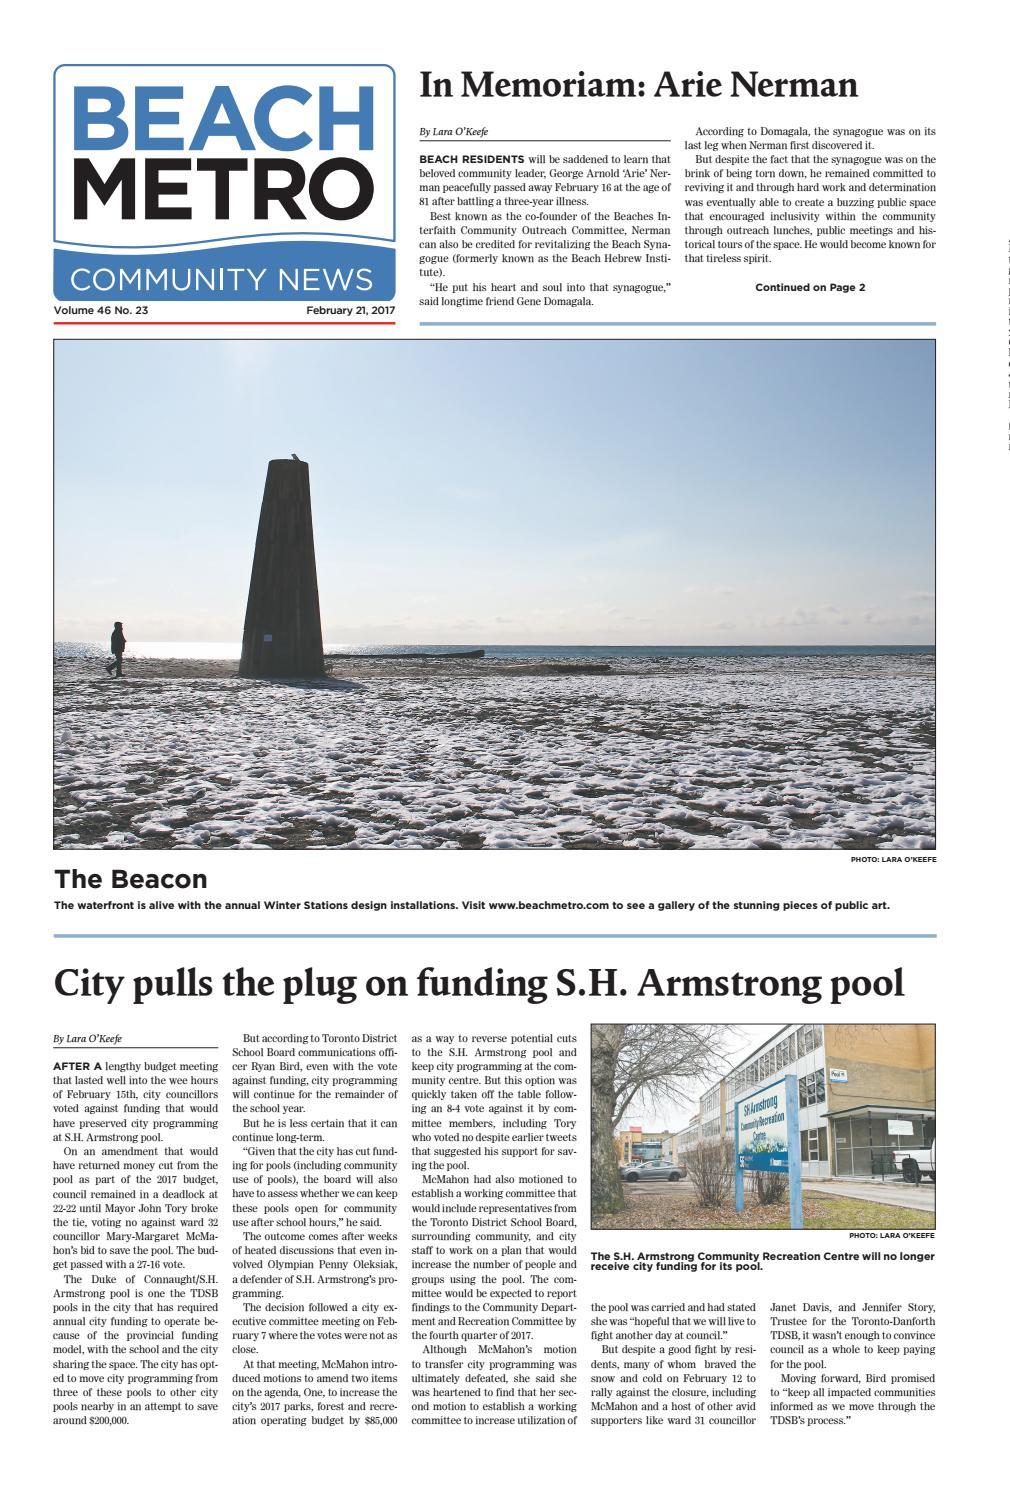 Beach Metro News February 21, 2017 by Beach Metro News - issuu